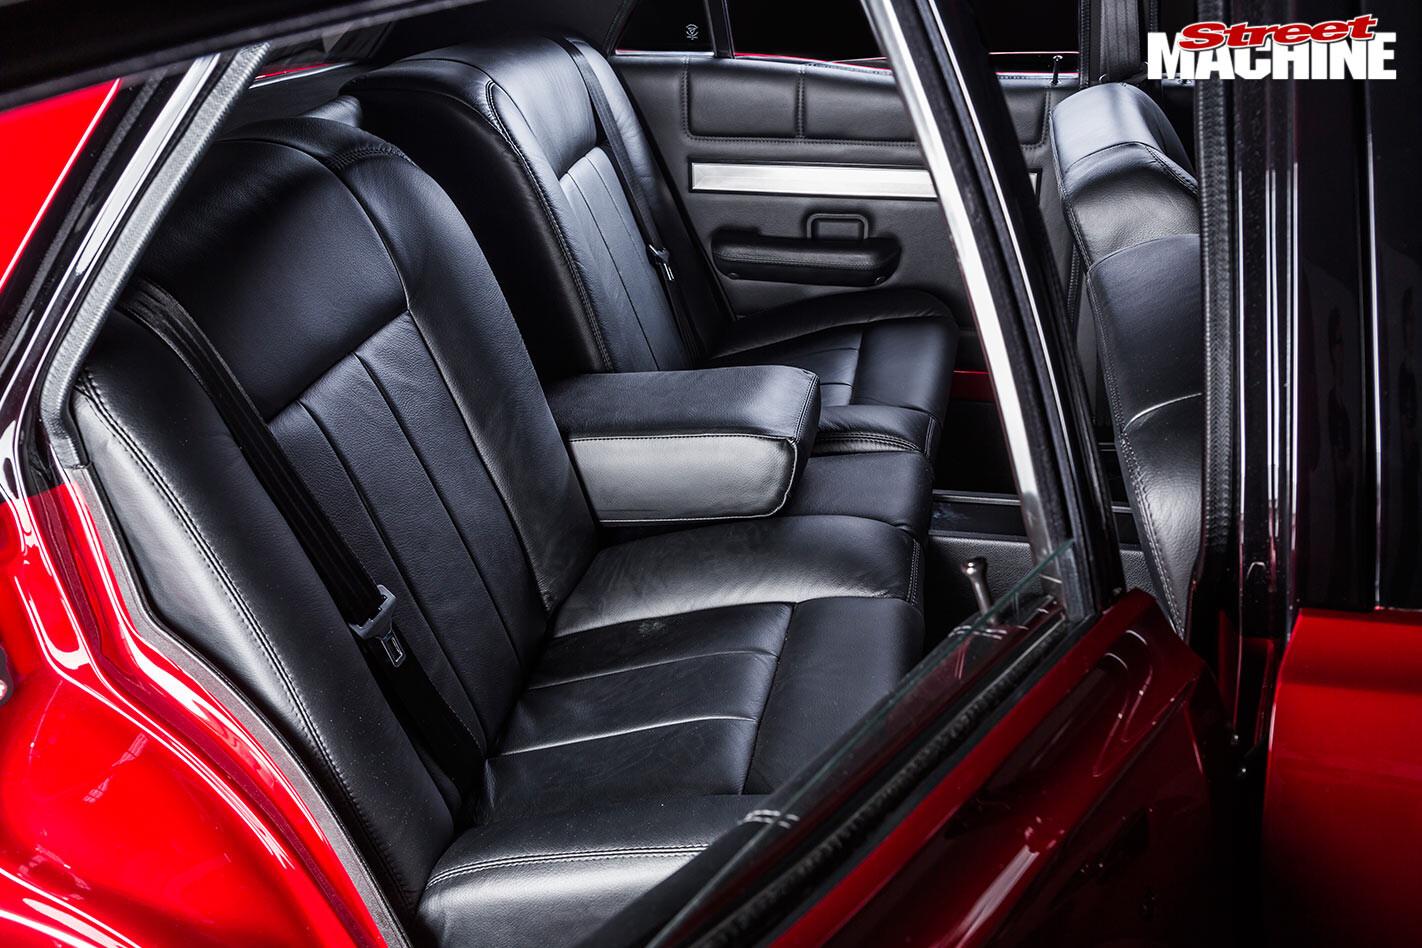 Ford Falcon XY rear seats